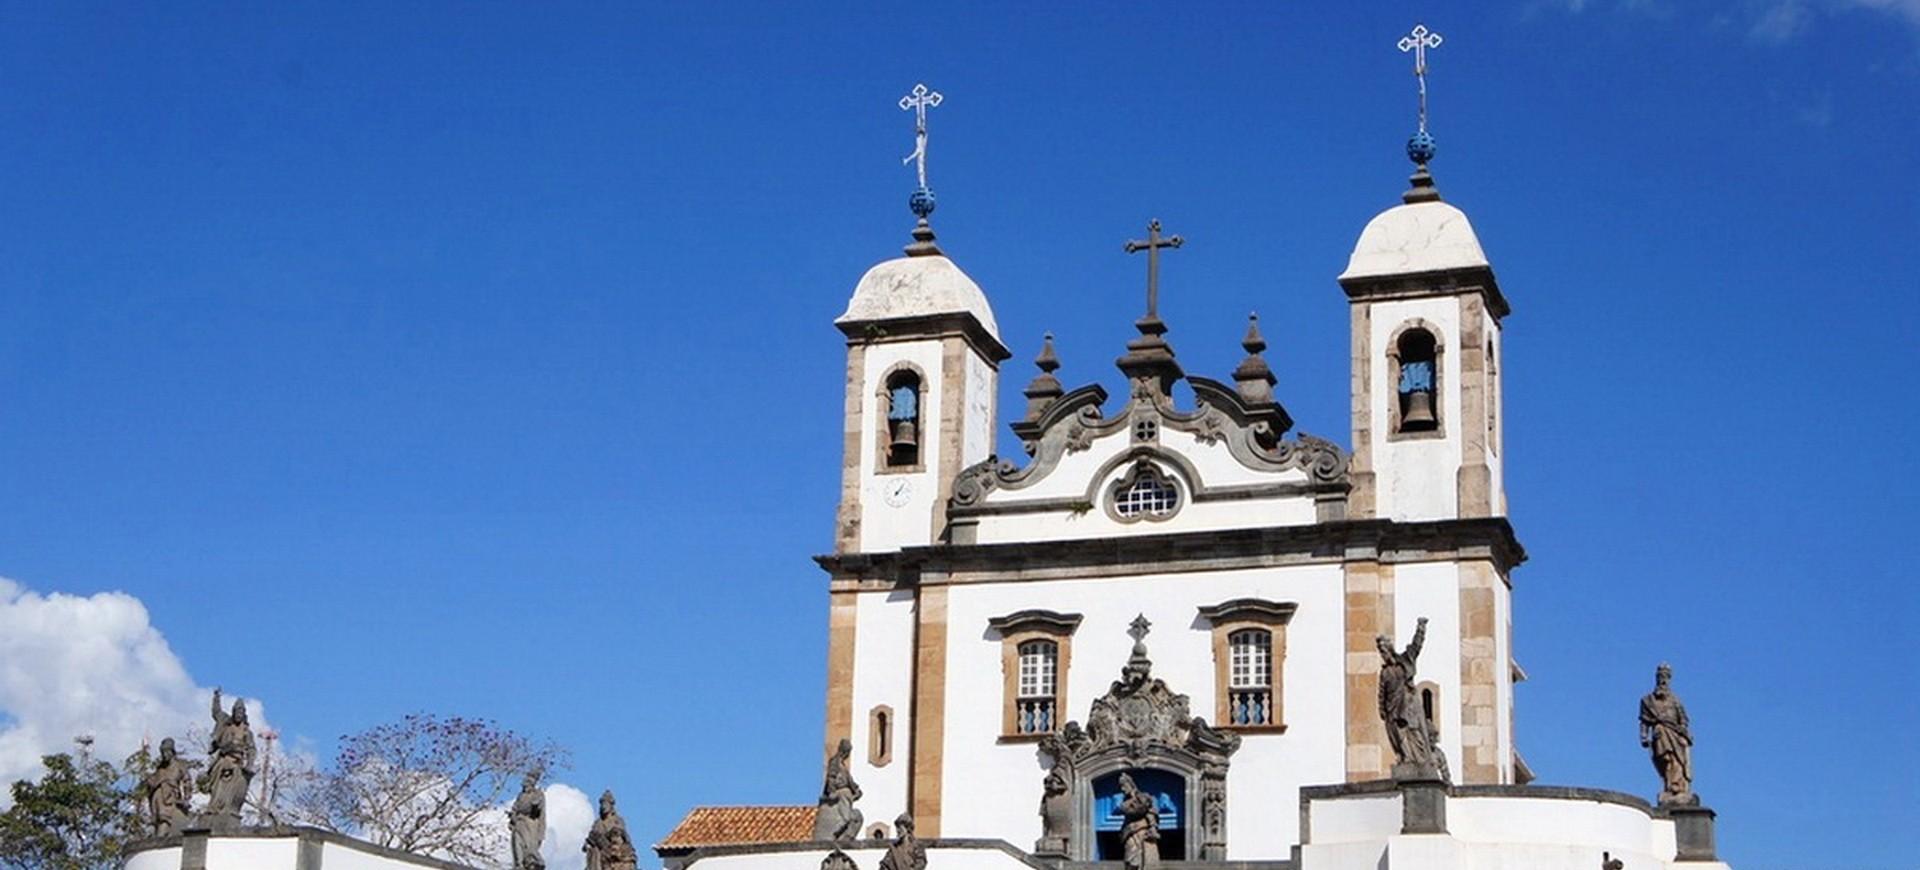 Brésil Congonhas de Compos Eglise